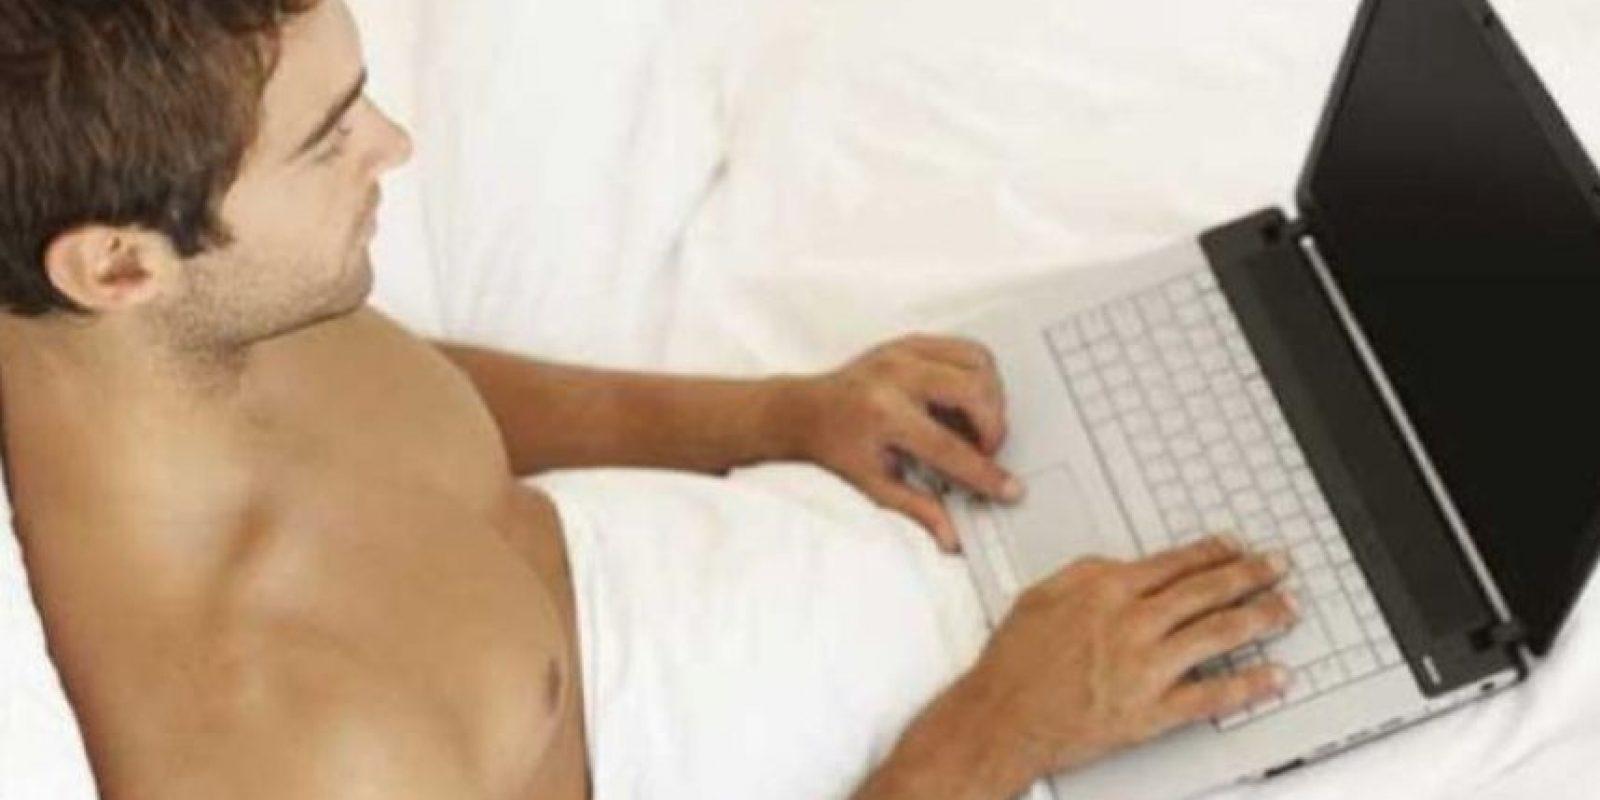 Por lo general, los adictos muestran un aumento de las reacciones cerebrales al objeto de la adicción. Foto:Pinterest